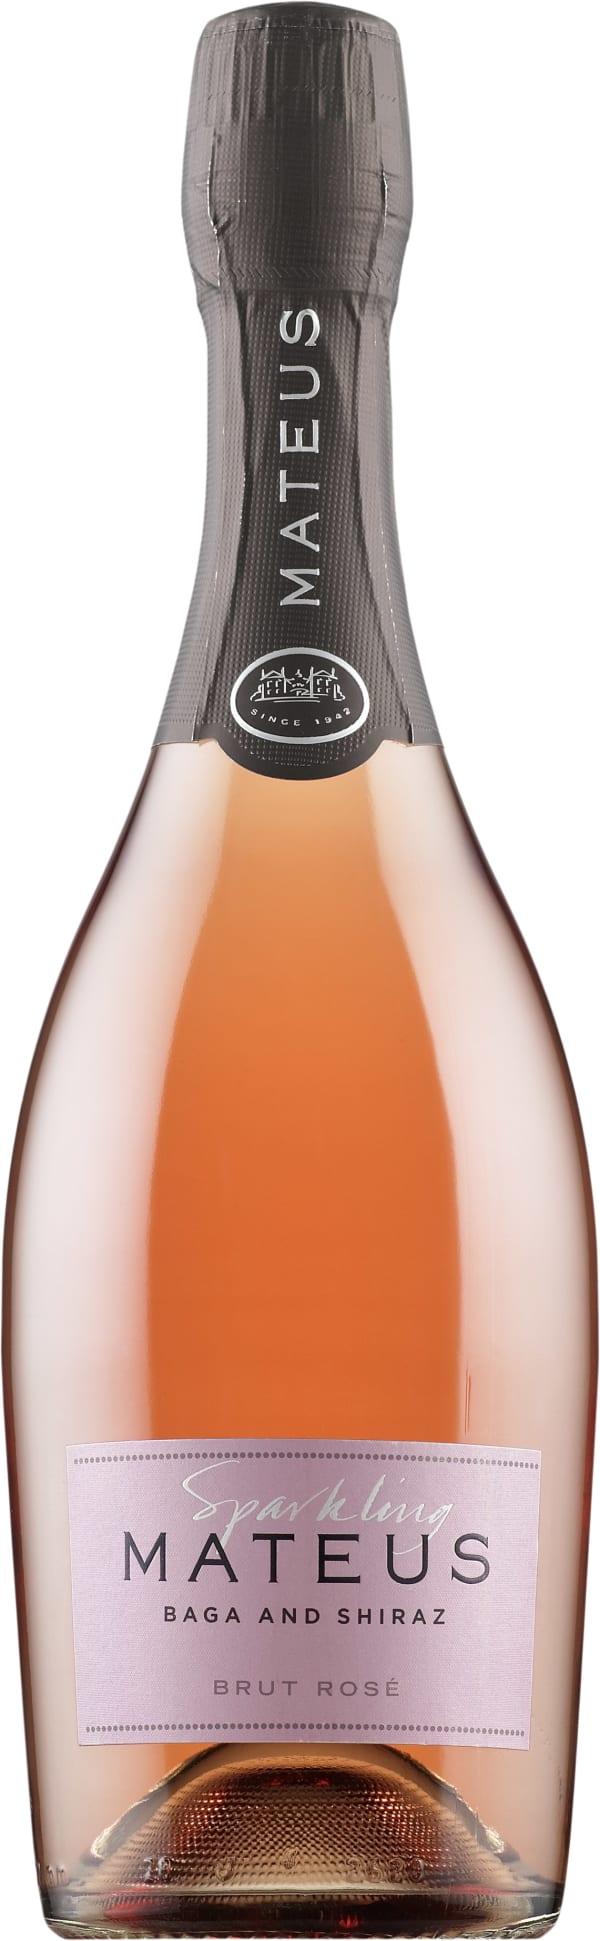 Mateus Sparkling Rosé Brut